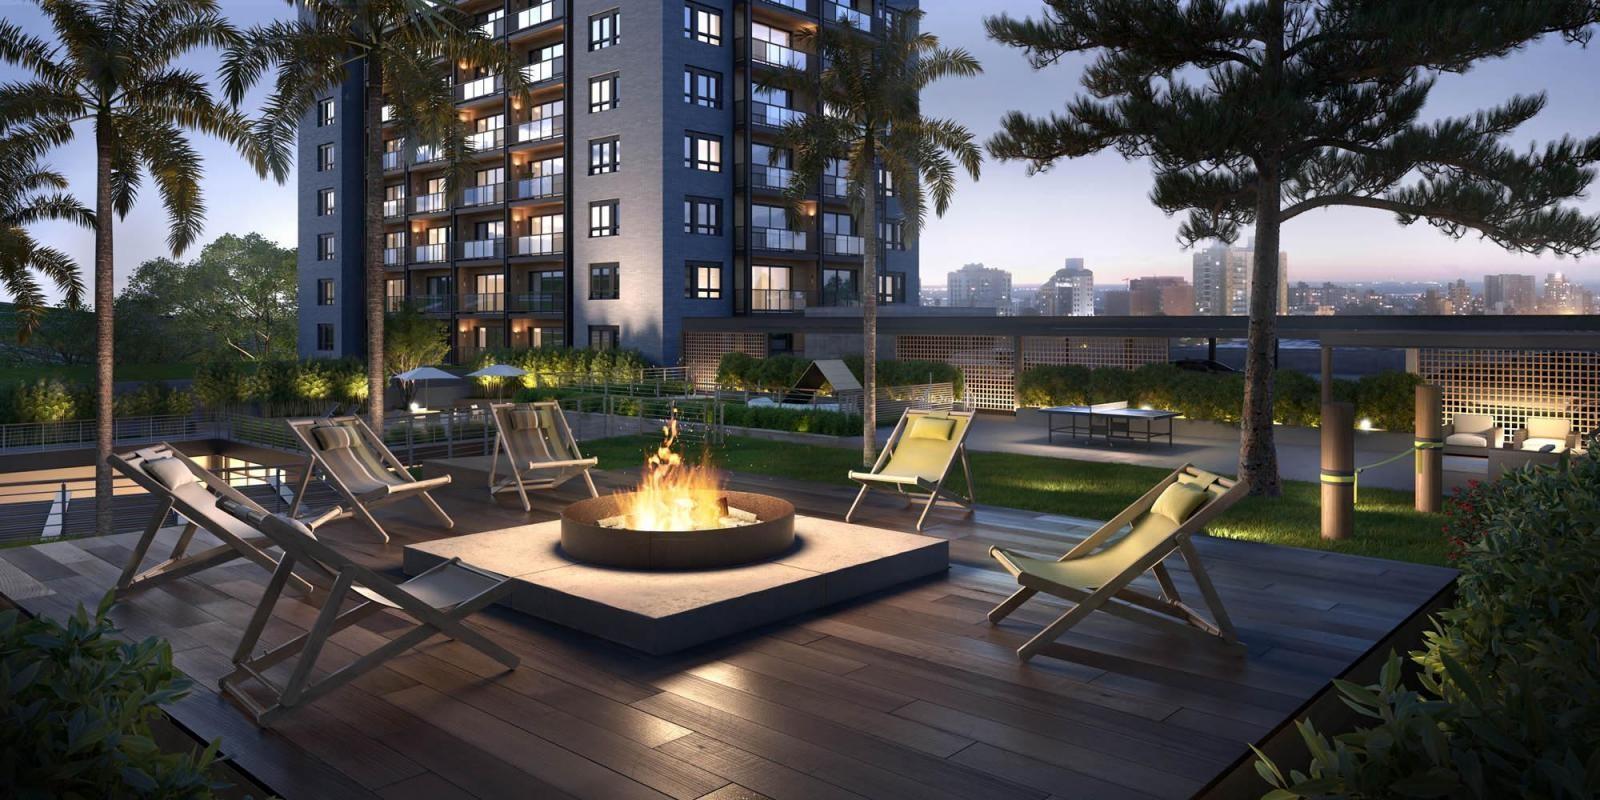 TPS Imóveis apresenta Apartamento 2 Dormitórios Em Porto Alegre! Excelente imóvel a venda em Porto Alegre